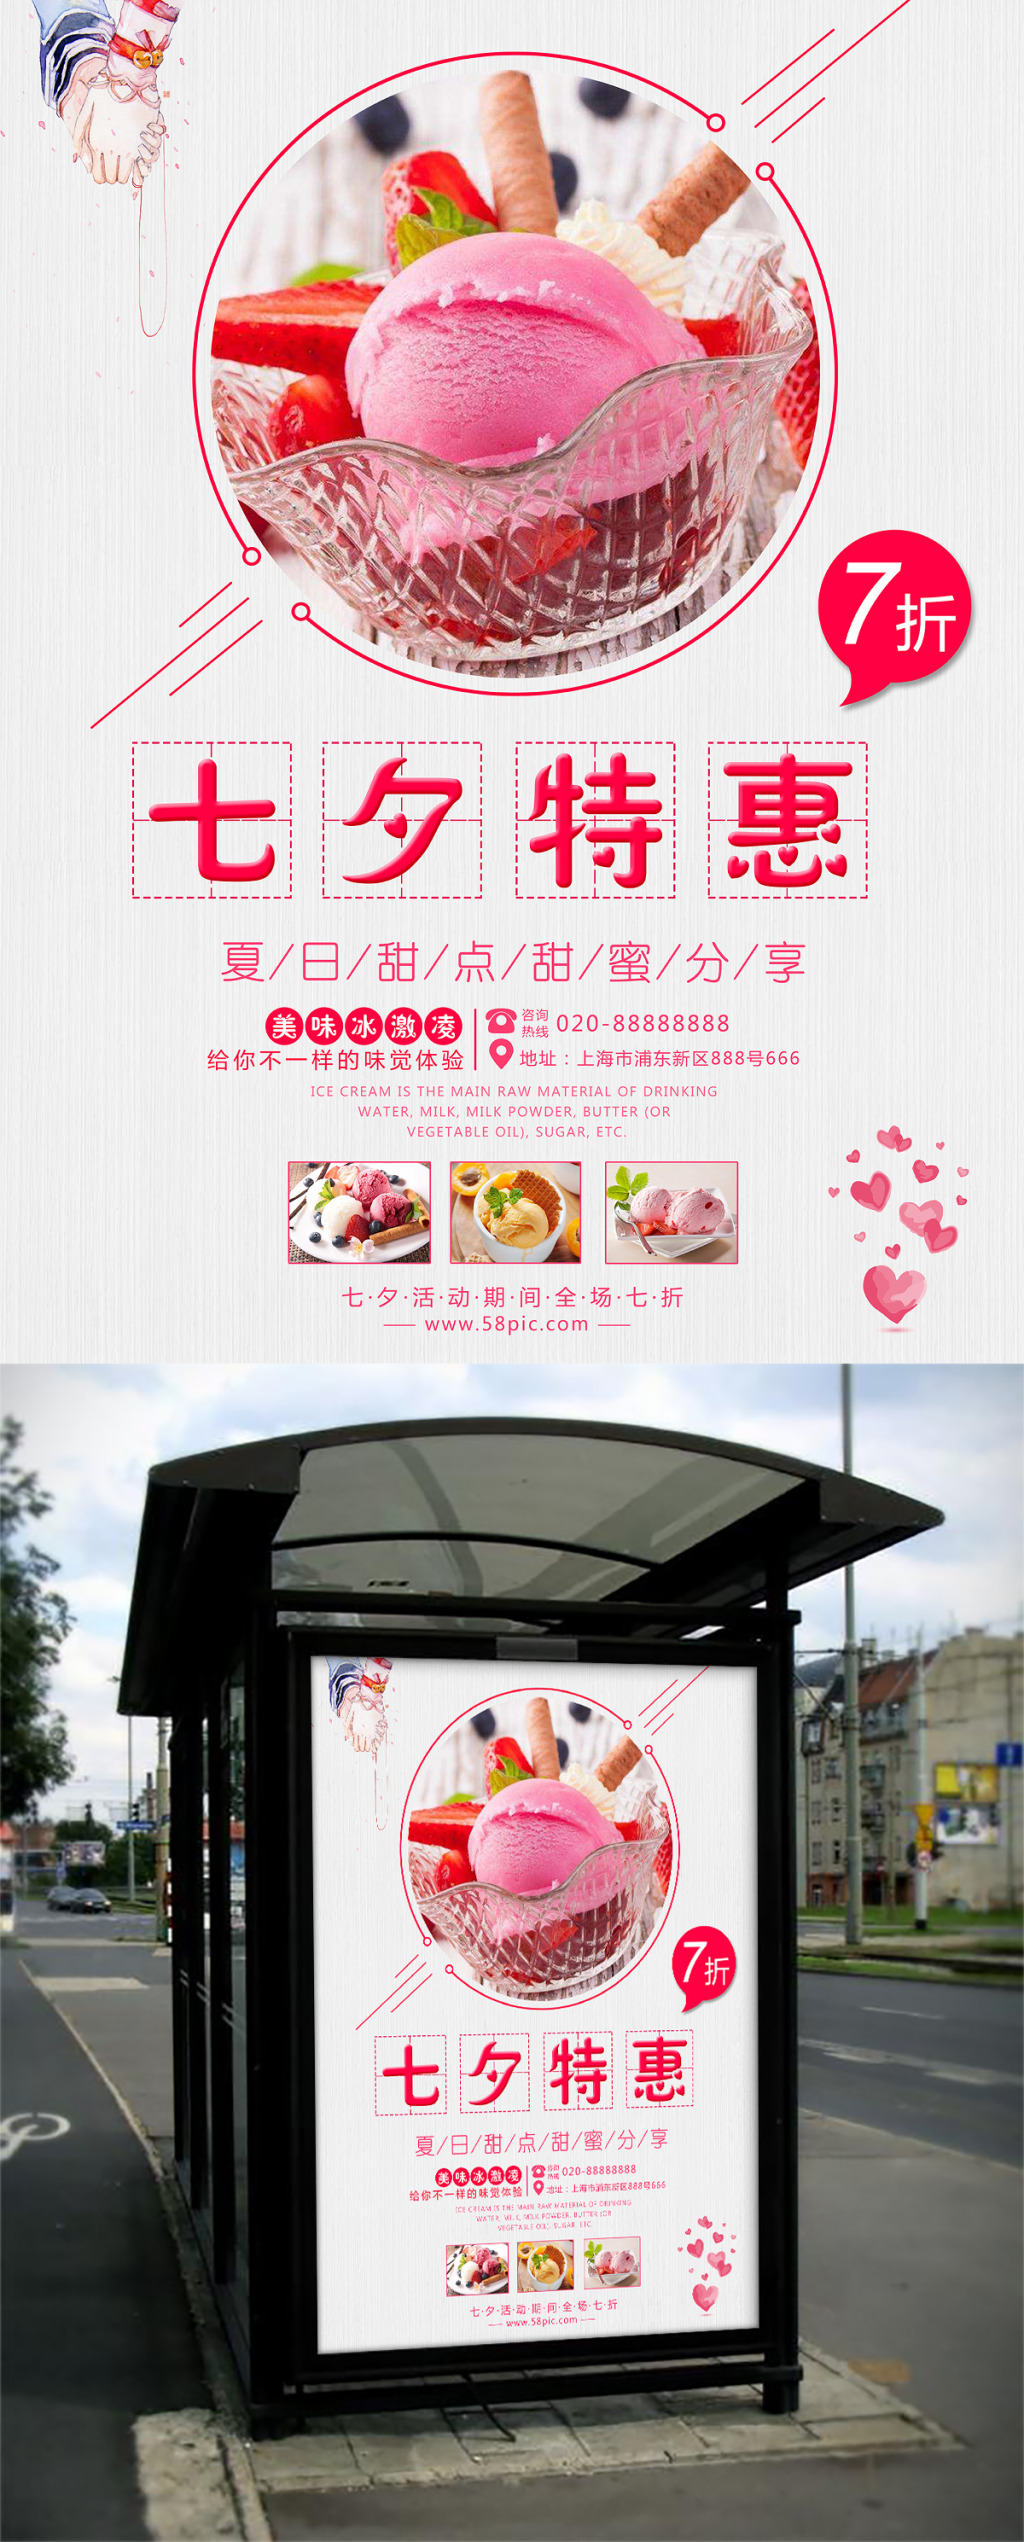 2017年七夕特惠美味冰激凌海报设计